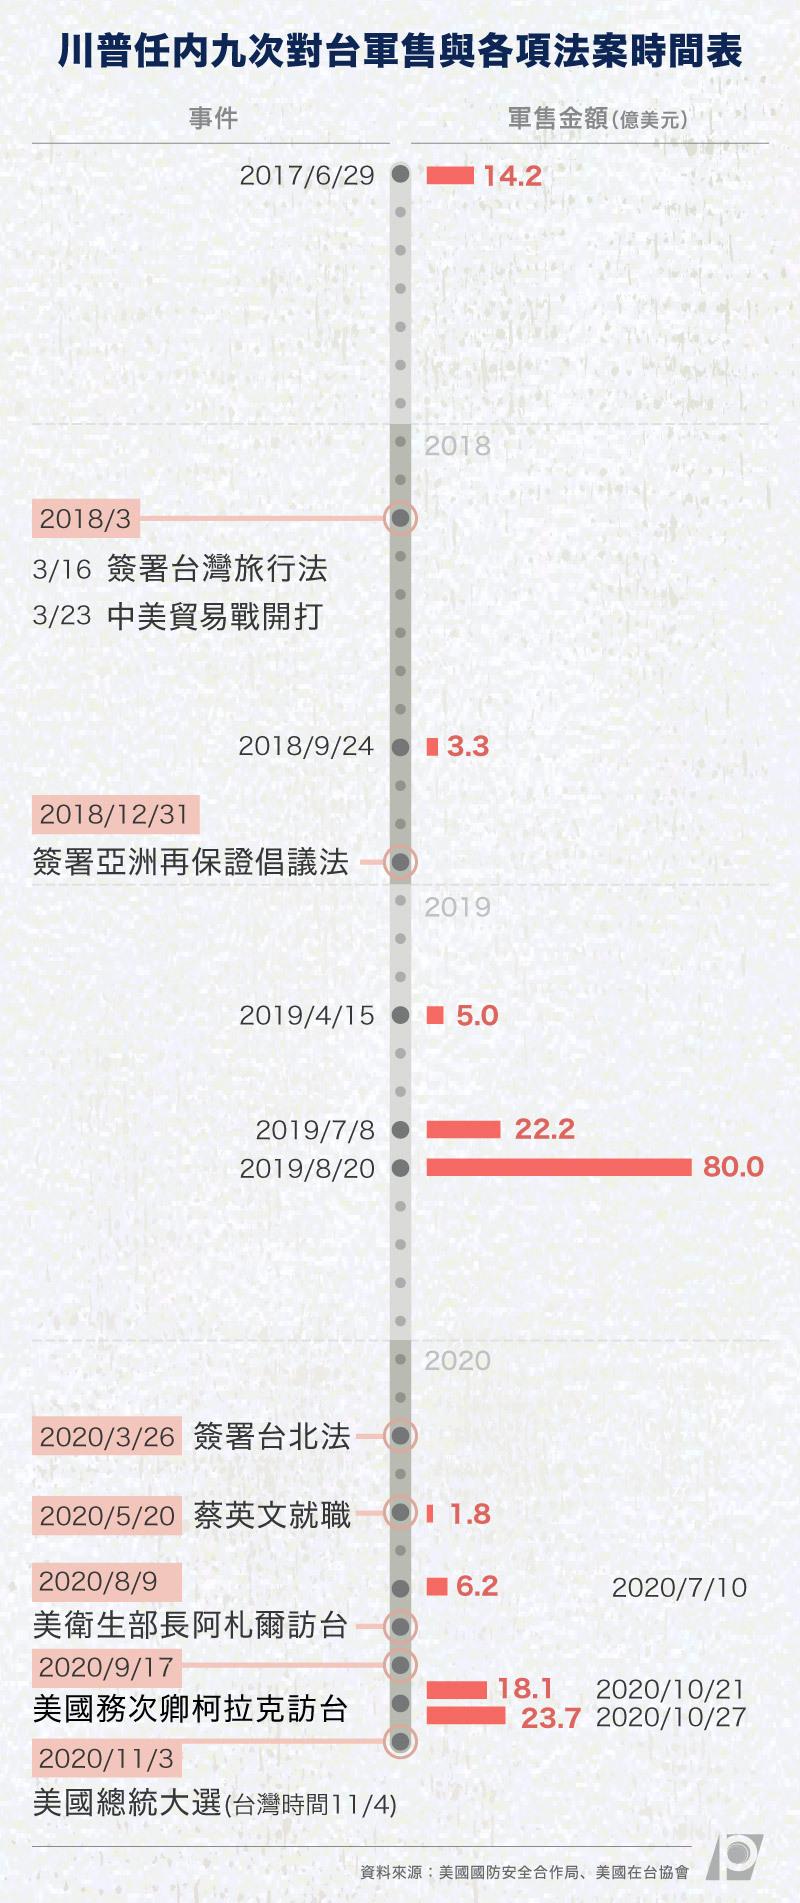 川普任內九次對台軍售與各項法案時間表.jpg